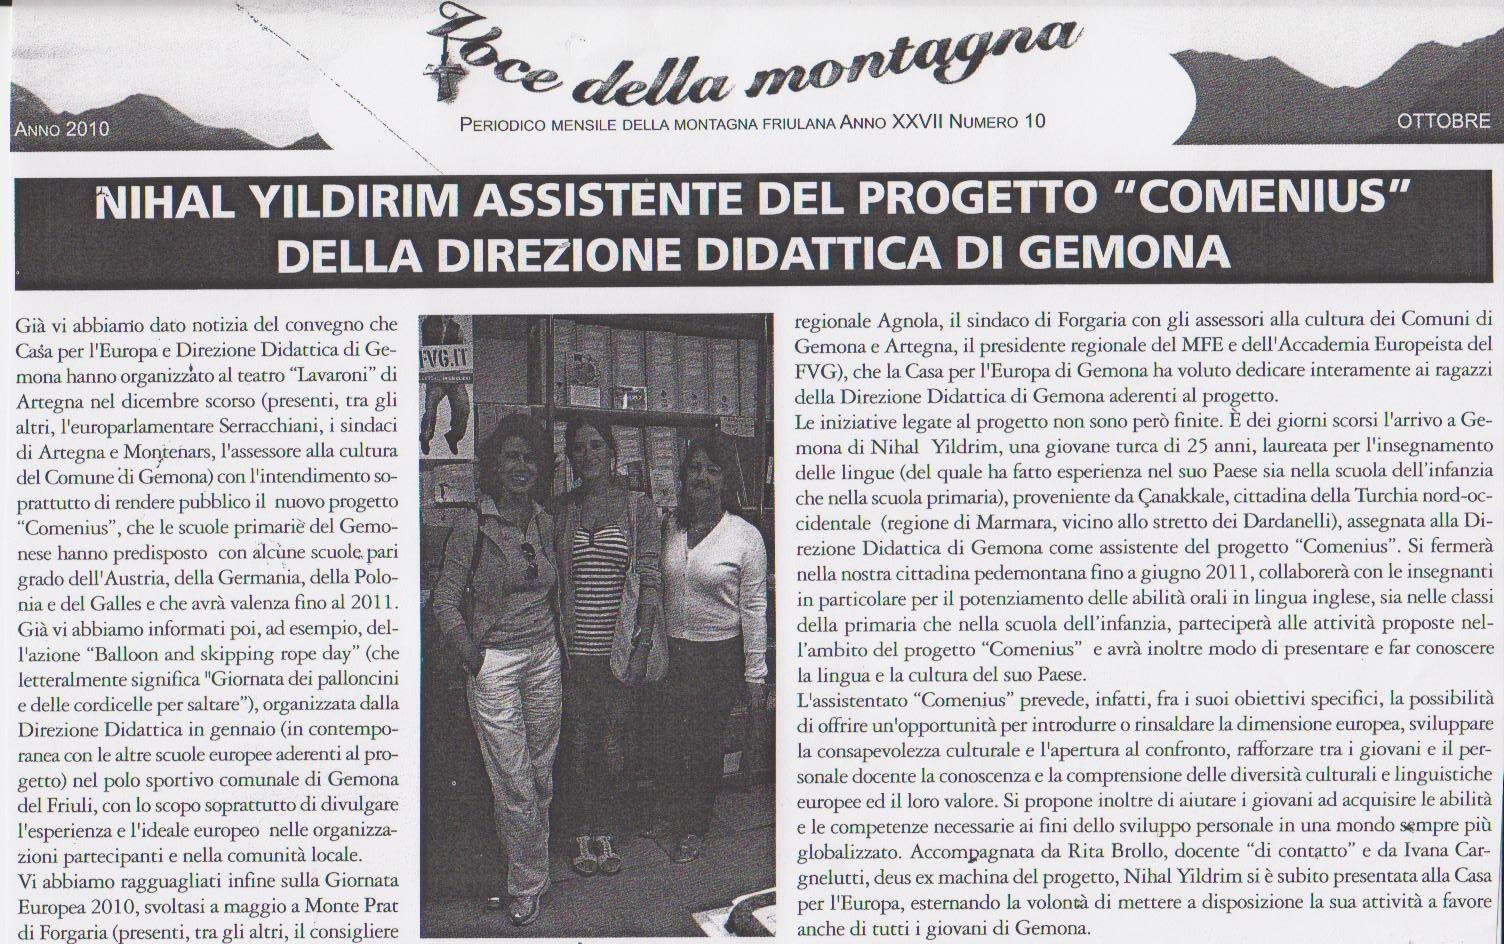 assistente progetto comenius v.d.m. ottobre 2010